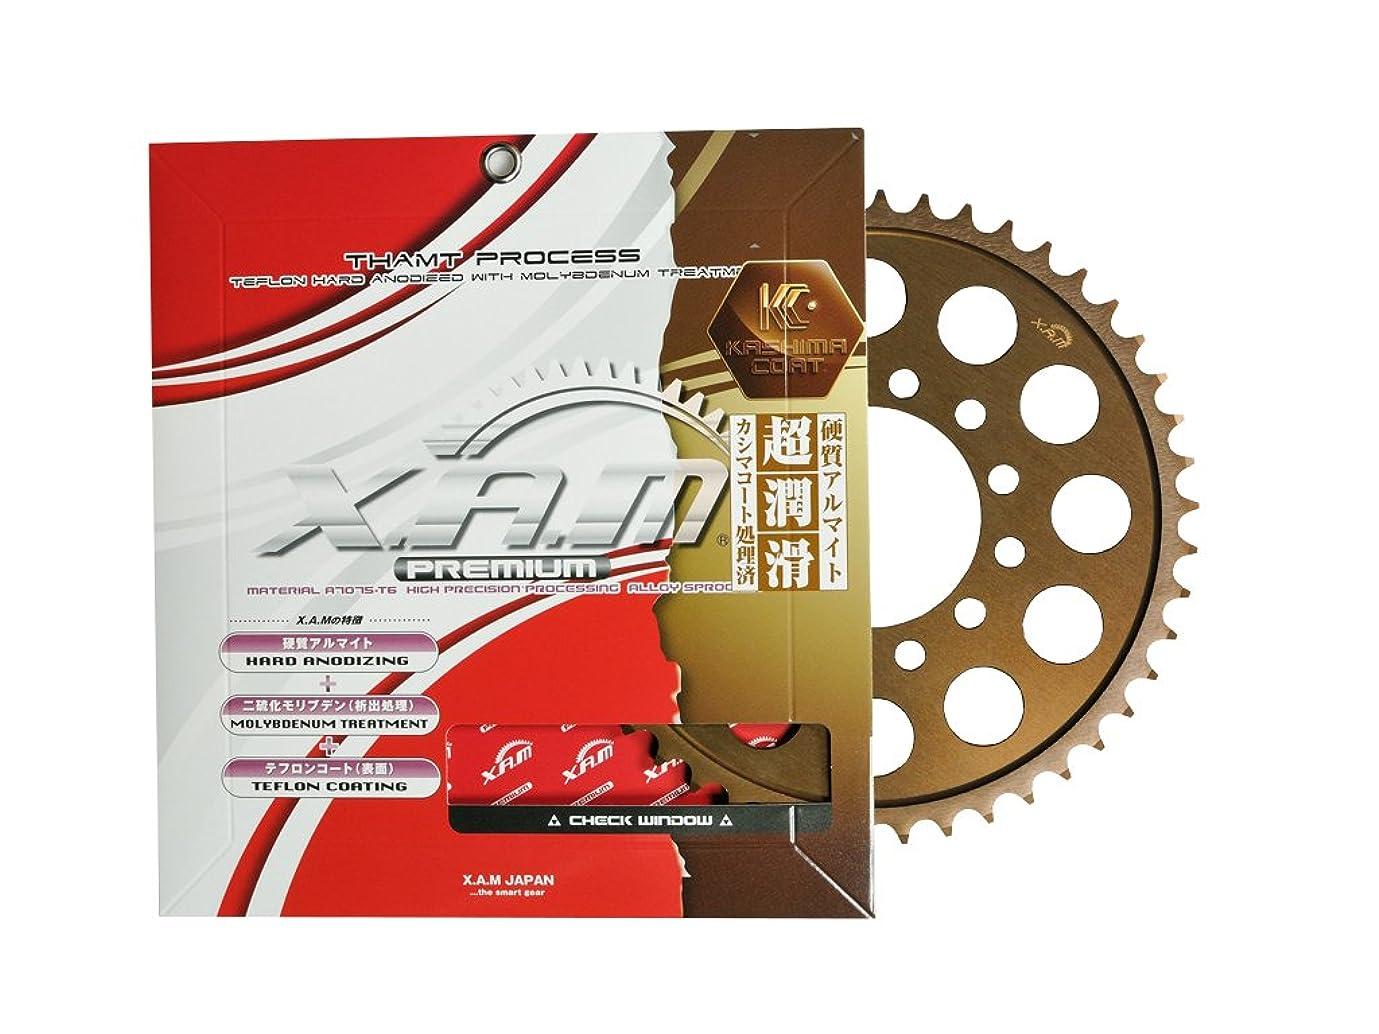 引用ポットソケットX.A.M Japan (ザムジャパン) A4702X43 520-43T スプロケット A4702X43